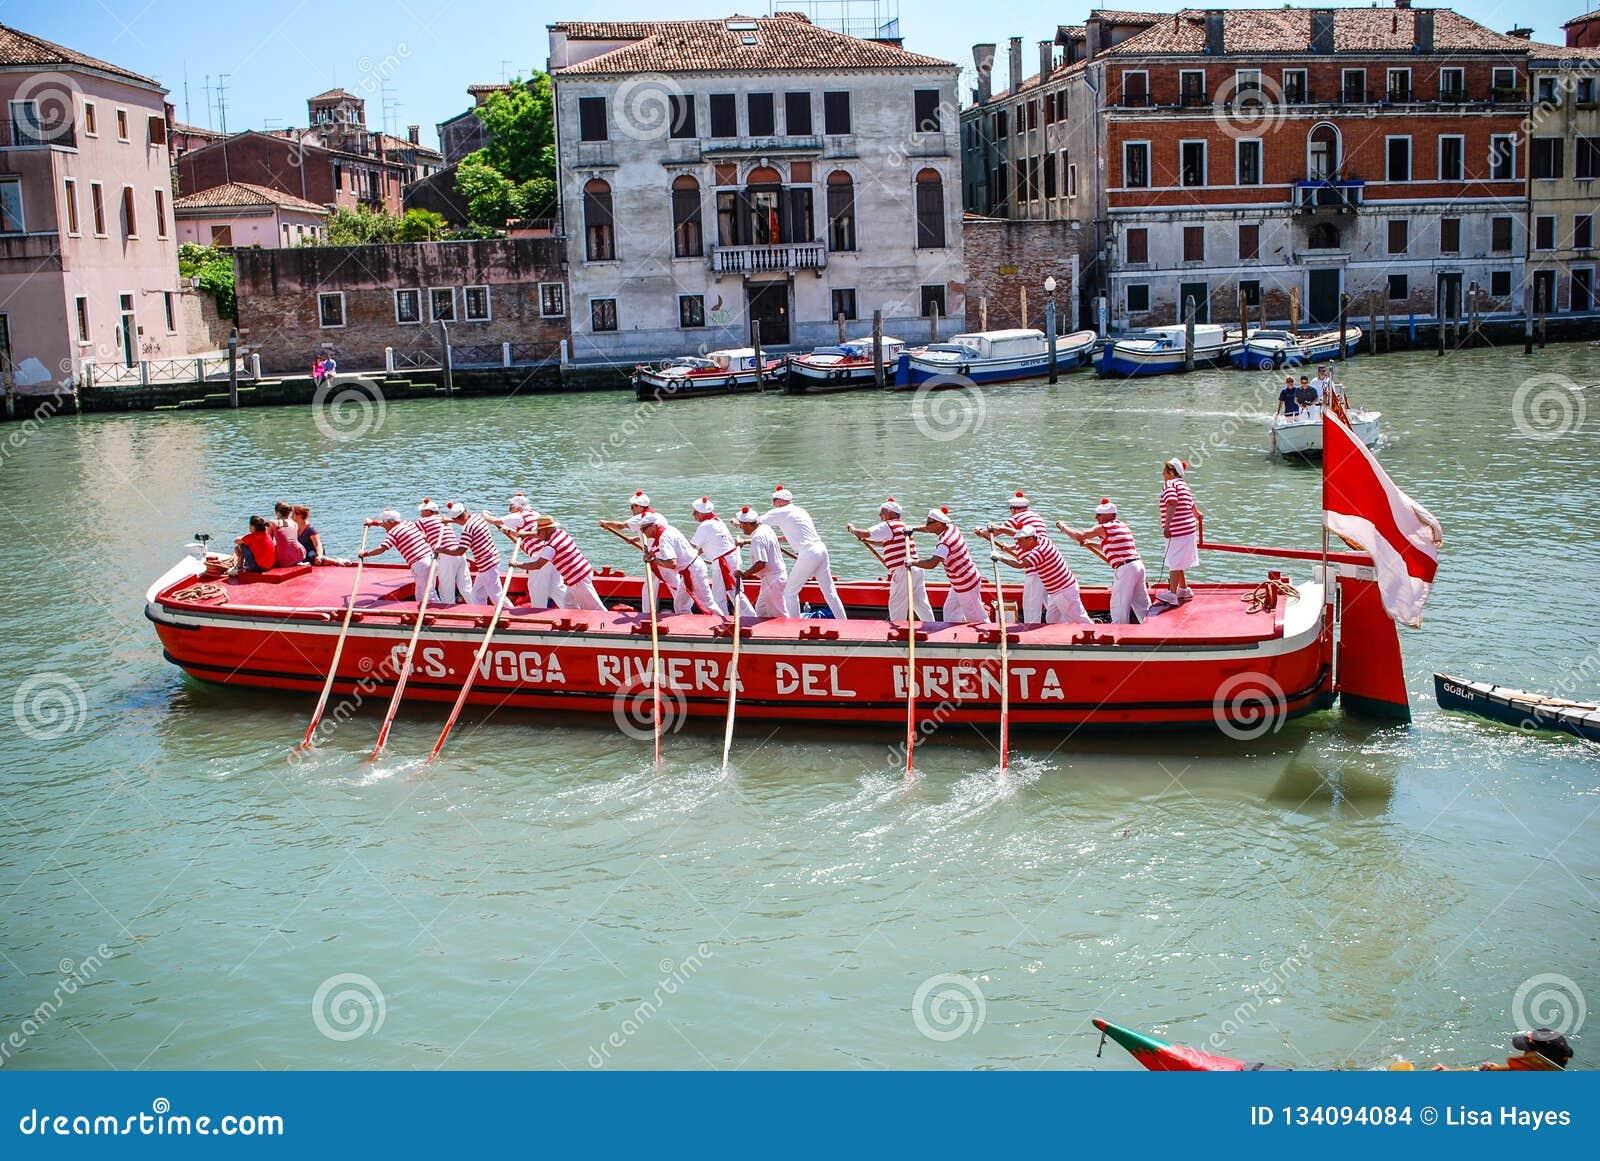 Gondeliers que compite en el Regata Storica, Venecia, Italia